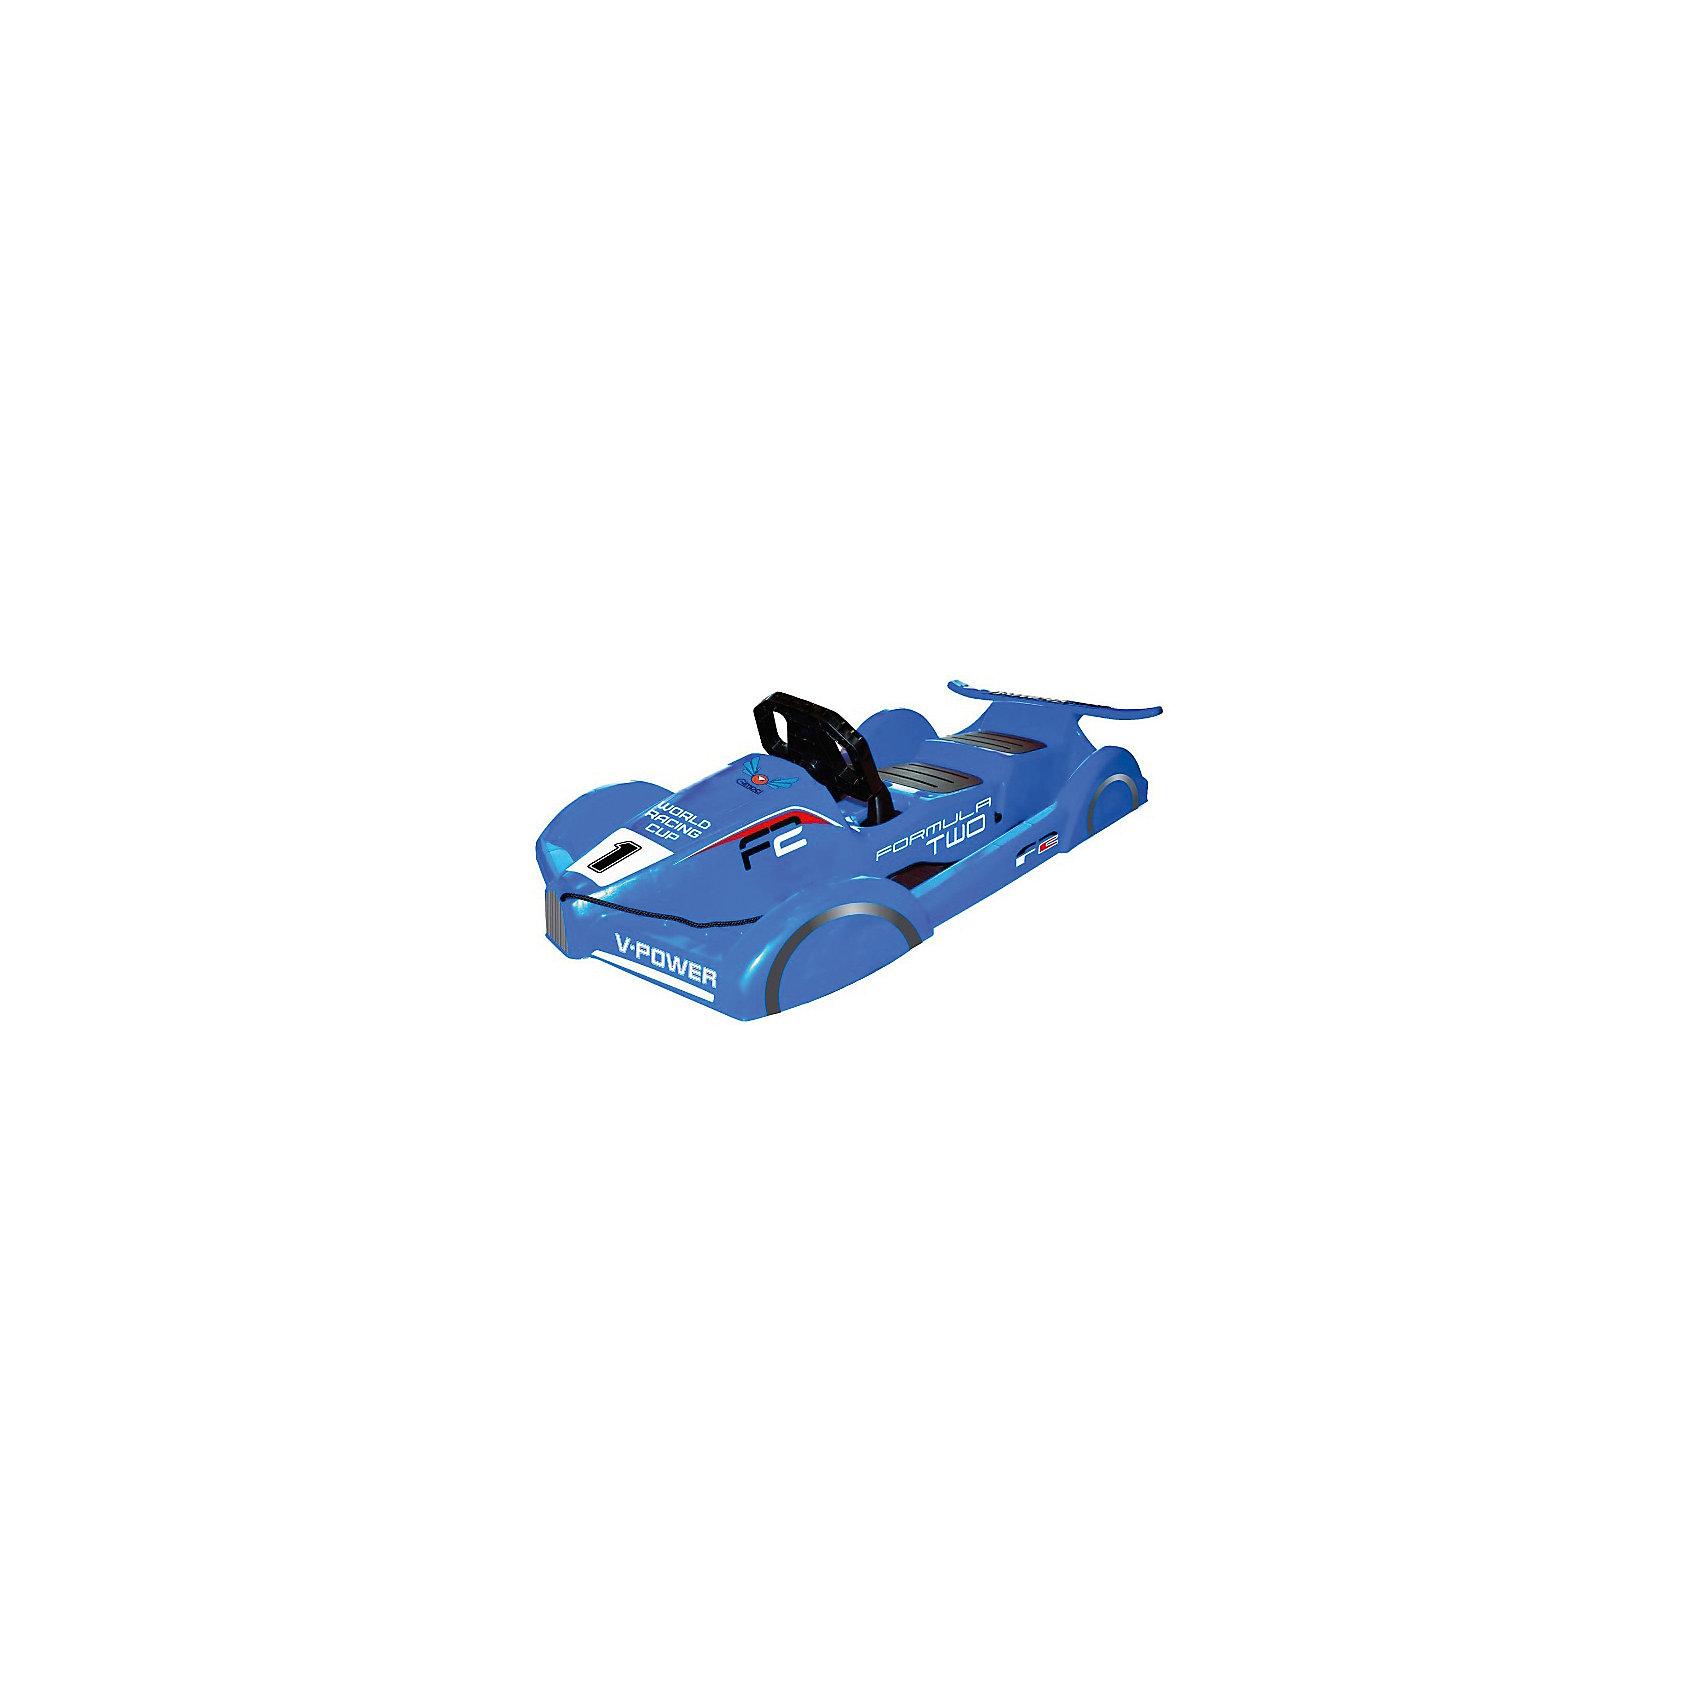 Санки Formula, синий, GimpelСанки Formula, синий, Gimpel (Гимпель).<br><br>Характеристики:<br><br>- Максимальный вес: 90 кг.<br>- Материал: морозостойкий HDPE пластик<br>- Цвет: синий<br>- Длина: 120 см.<br>- Вес: 5,2 кг.<br><br>Двухместные управляемые санки Formula Gimpel (Гимпель) стилизованы под гоночный болид. Яркий и стильный дизайн, спойлер и имитация колес позволят ребенку почувствовать себя настоящим пилотом на снежной трассе. Руль, управляющий скрытыми лыжами, и ручной тормоз обеспечивают манёвренность и контроль движения. Также санки оснащены буксировочным тросом с удобной ручкой. Сиденья выполнены из пластика с антискользящим покрытием. Ударопрочный корпус, изготовленный из морозоустойчивого пластика, обладает повышенной износостойкостью. Явным преимуществом санок является то, что они рассчитаны на 2 детей.<br><br>Санки Formula, синие, Gimpel (Гимпель) можно купить в нашем интернет-магазине.<br><br>Ширина мм: 1200<br>Глубина мм: 520<br>Высота мм: 330<br>Вес г: 5200<br>Возраст от месяцев: 36<br>Возраст до месяцев: 144<br>Пол: Мужской<br>Возраст: Детский<br>SKU: 5329969